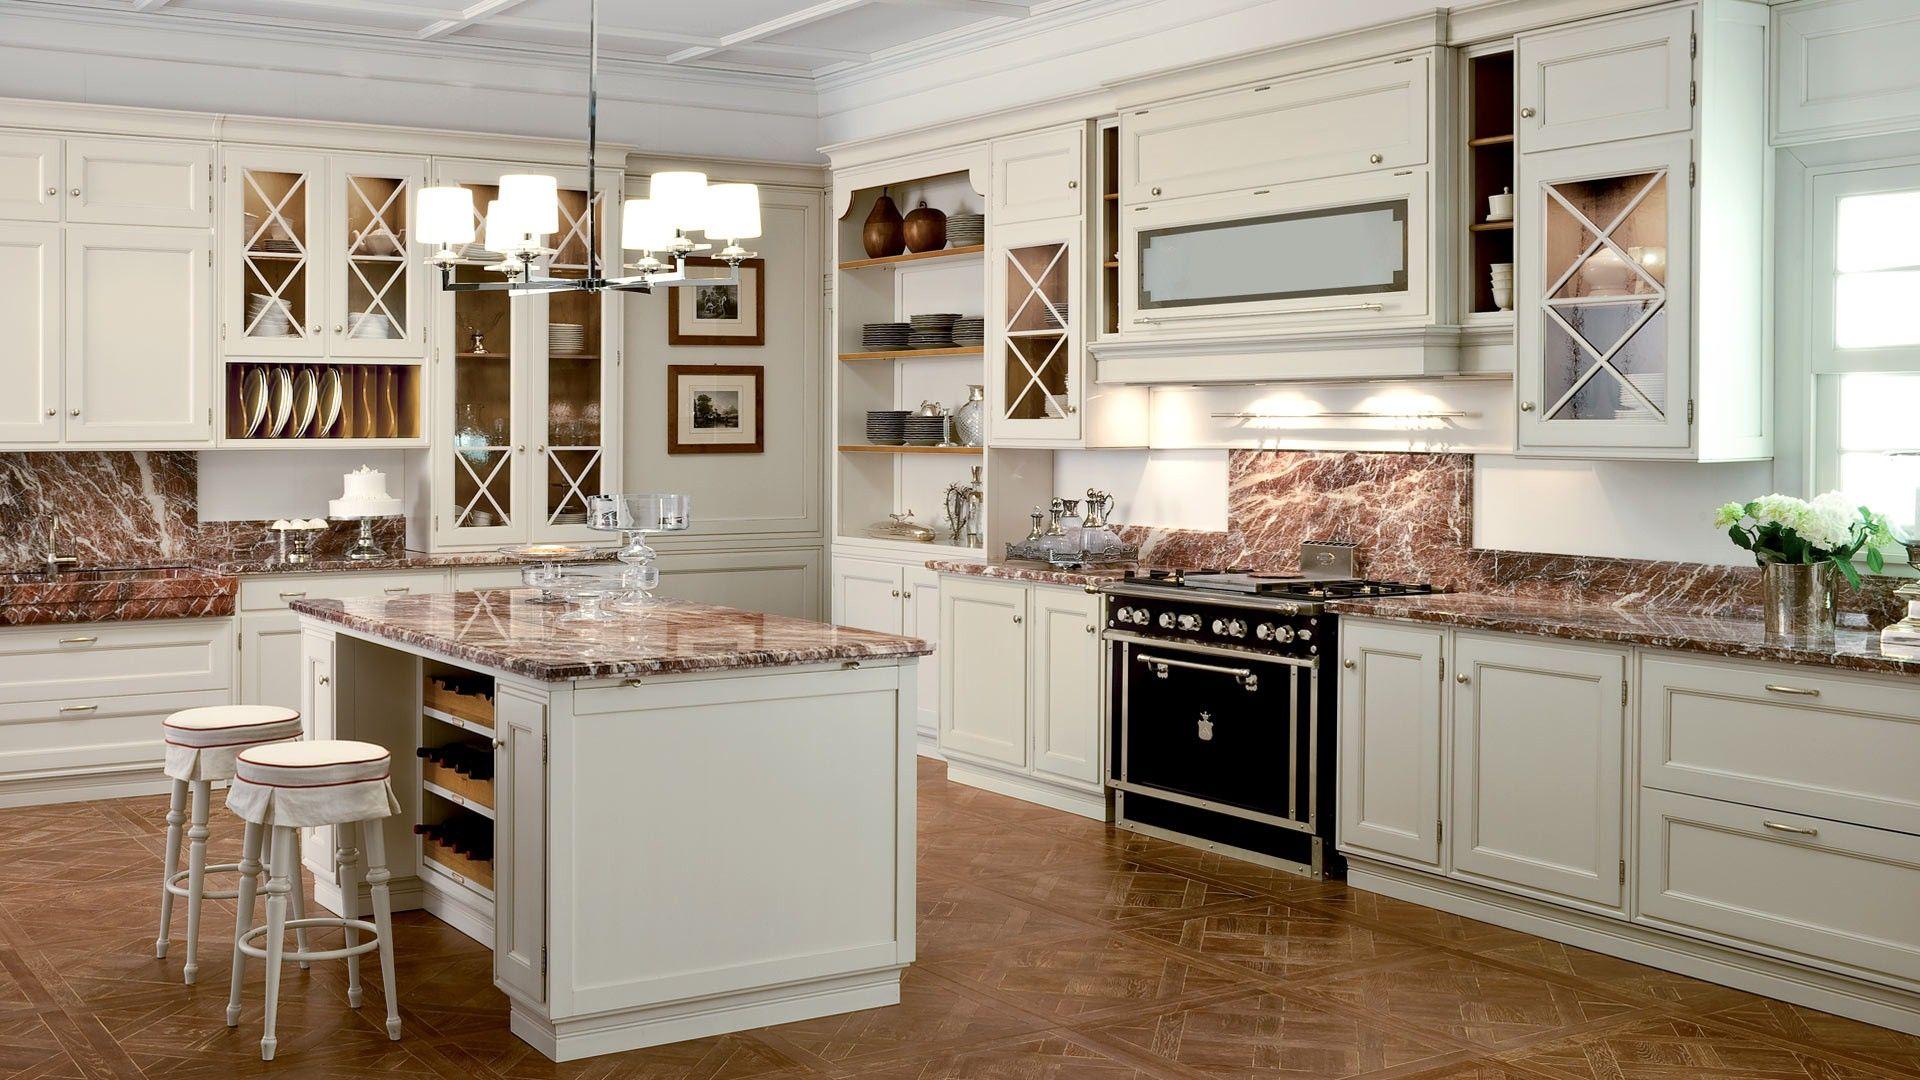 Gd Cucine Classic Kitchen Kitchen Designes Sears Kitchen Design Mid Century Modern Kitchen Design Kitch Stylish Kitchen Kitchen Backsplash Trends Kitchen Style